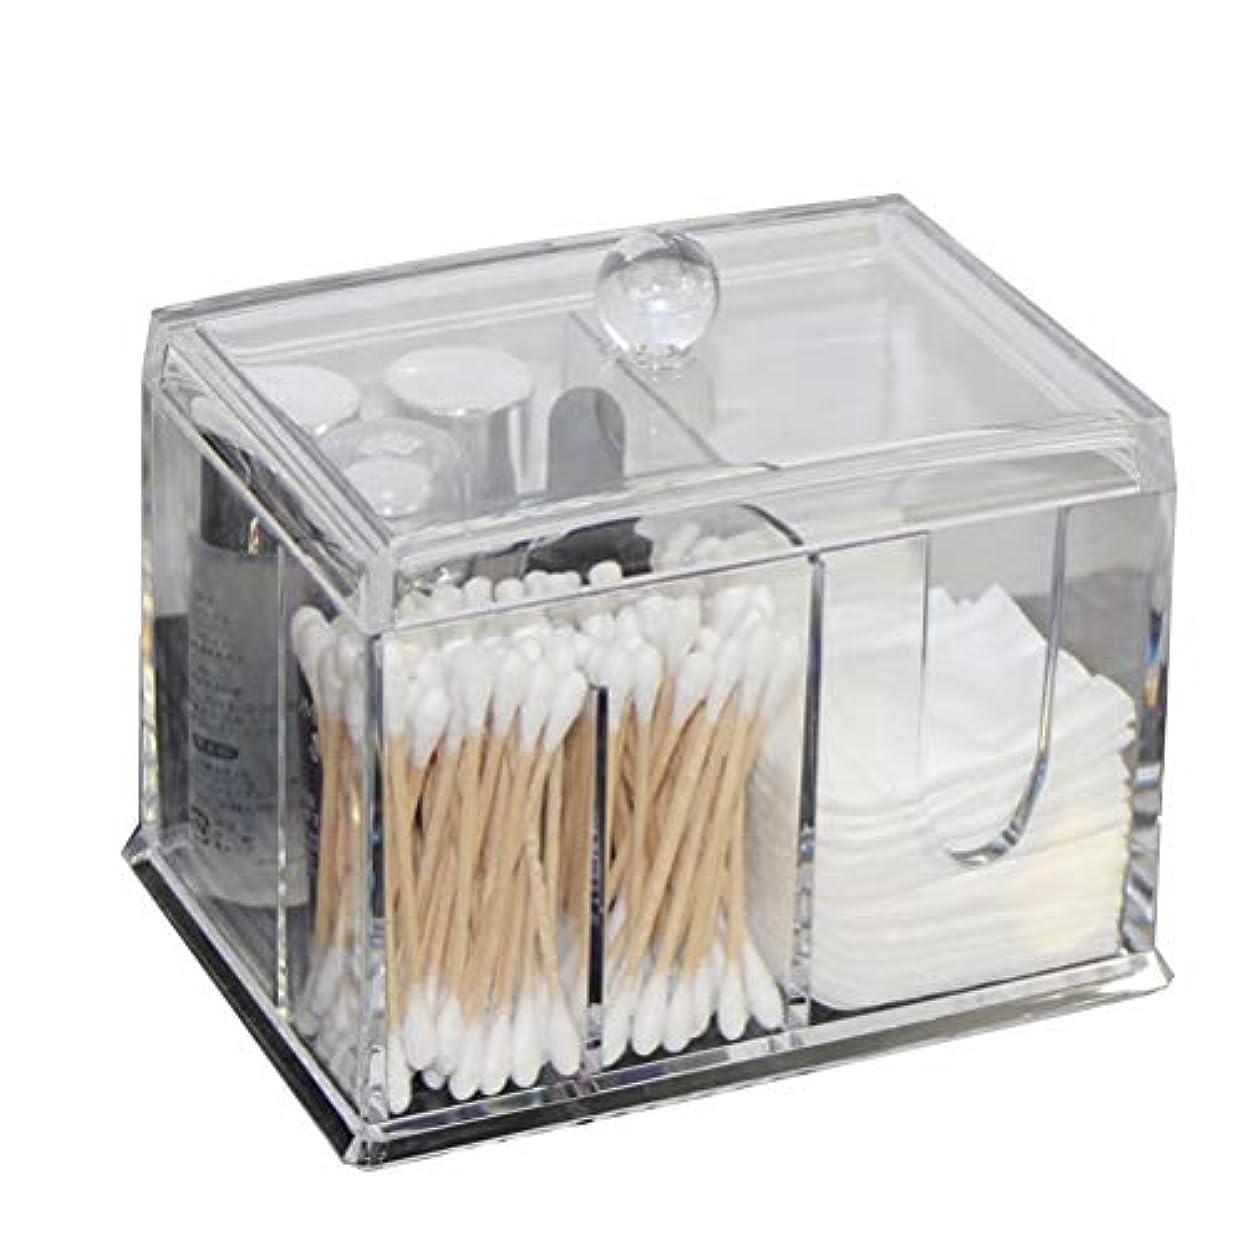 ファンドキャラバン非効率的なFrcolor 綿棒ケース コットンケース 棉棒ボックス コットン入れ 綿棒入れ コスメケース 小物収納 アクリル製 蓋付き 防塵 透明 卓上収納